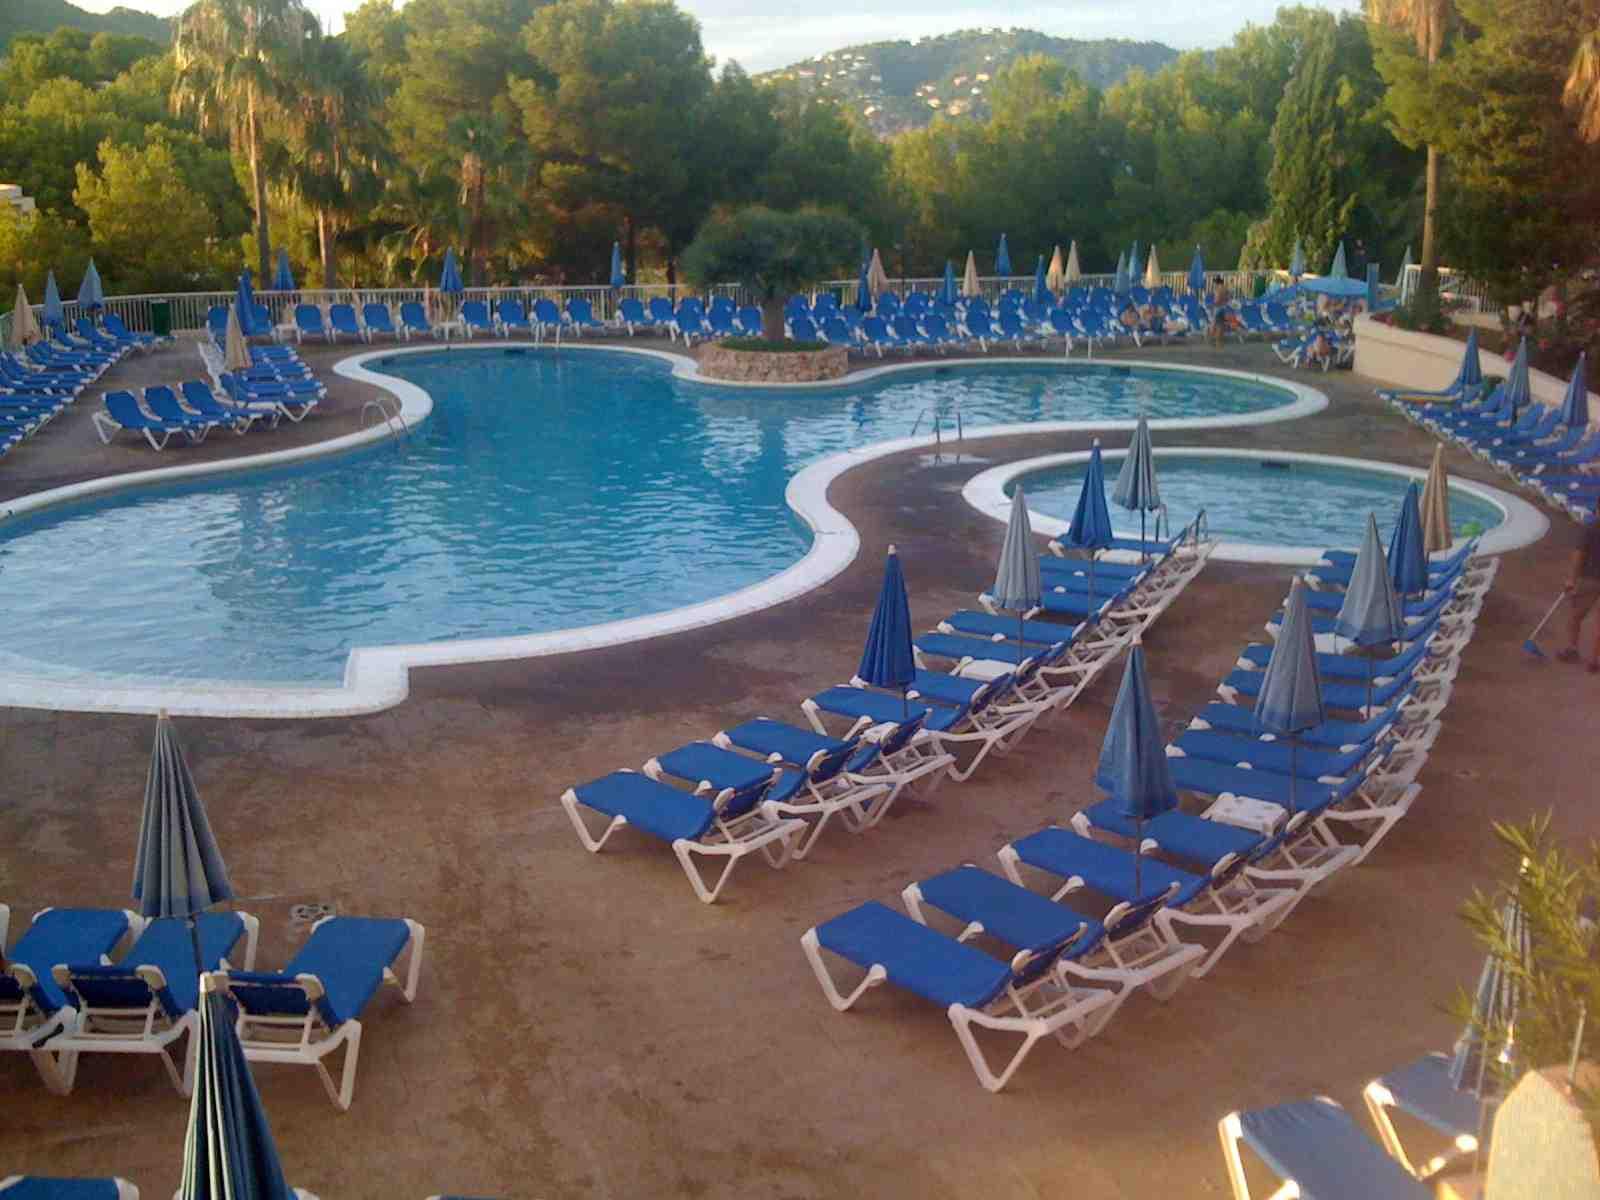 In vacanza con bambini hotel per famiglie bel mare io amo i viaggi - Hotel con piscina riscaldata per bambini ...